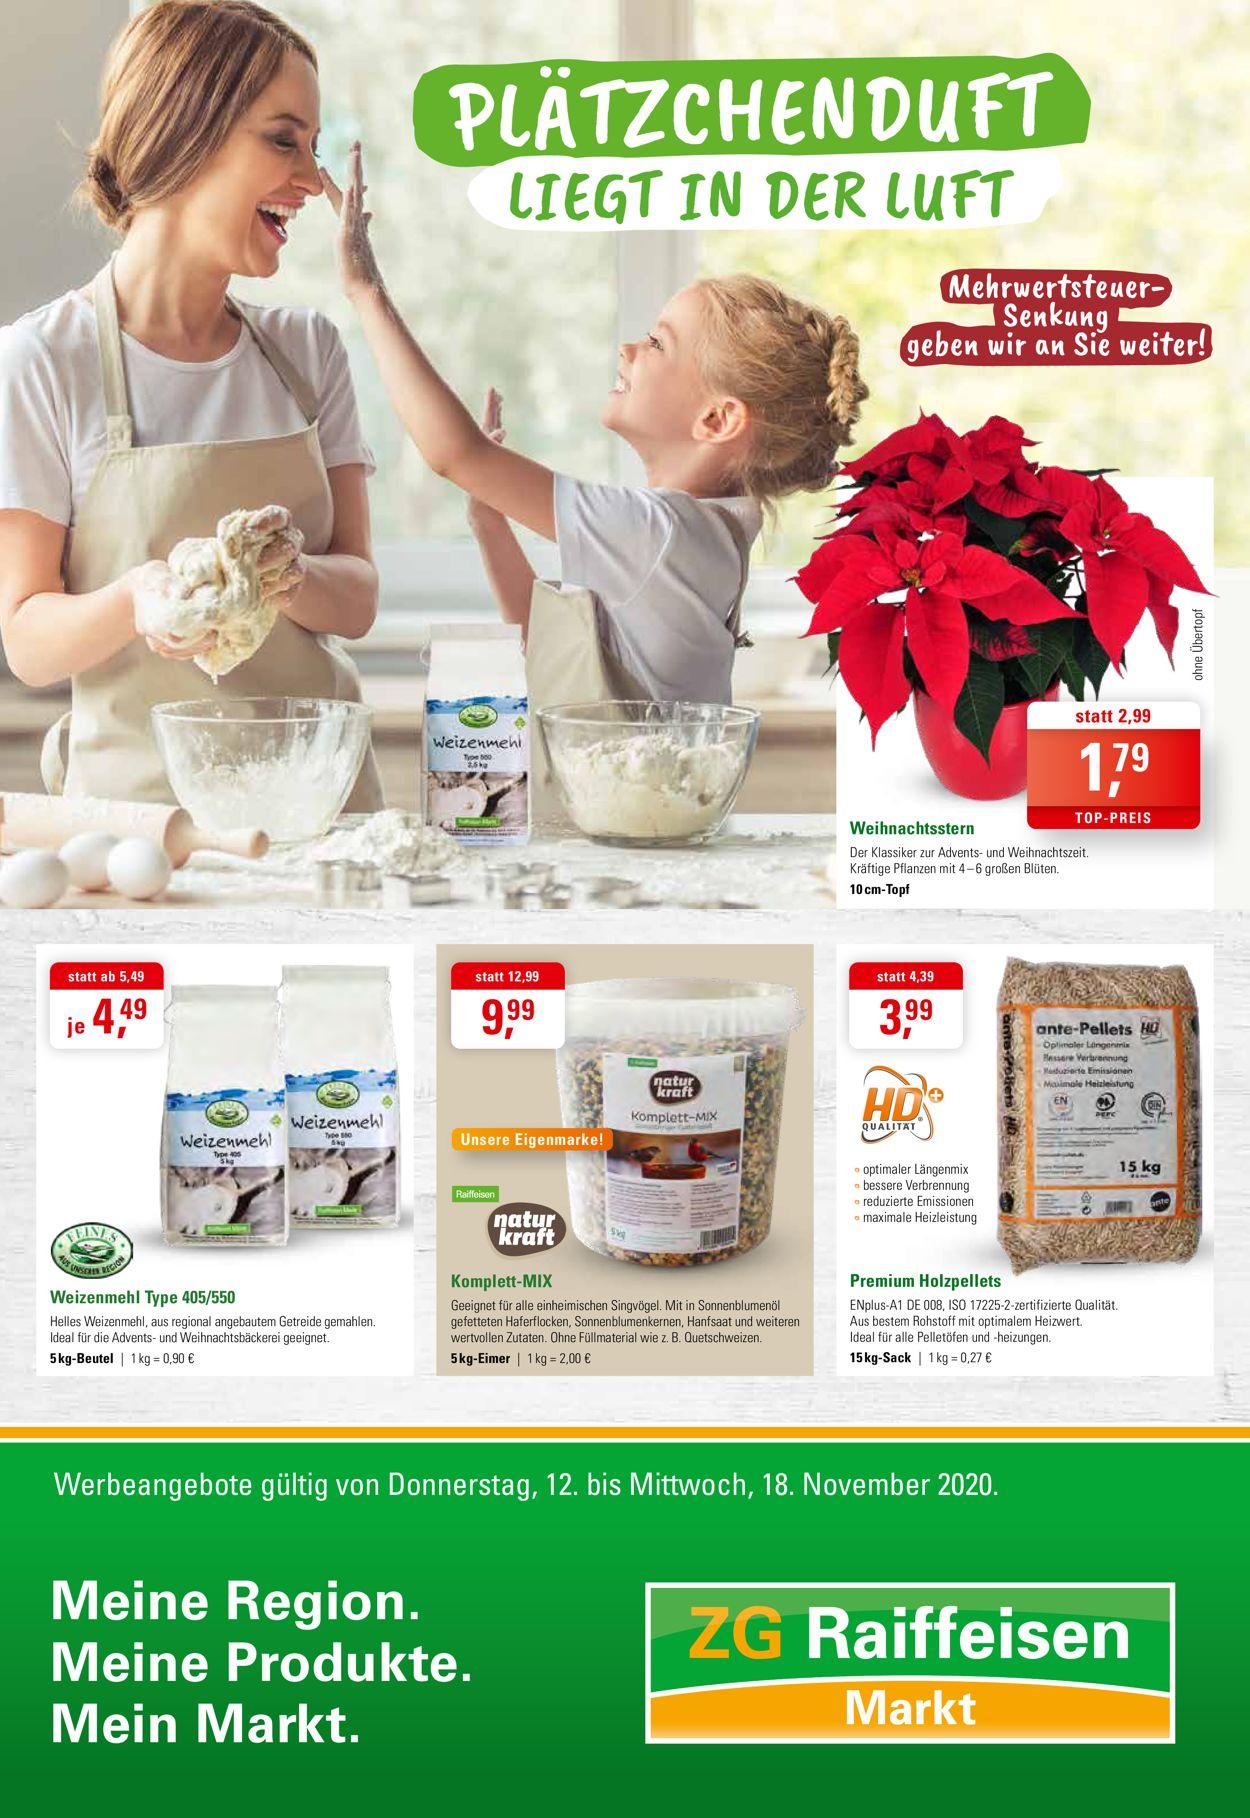 ZG Raiffeisen - Weihnachtsprospekt 2020 Prospekt - Aktuell vom 12.11-18.11.2020